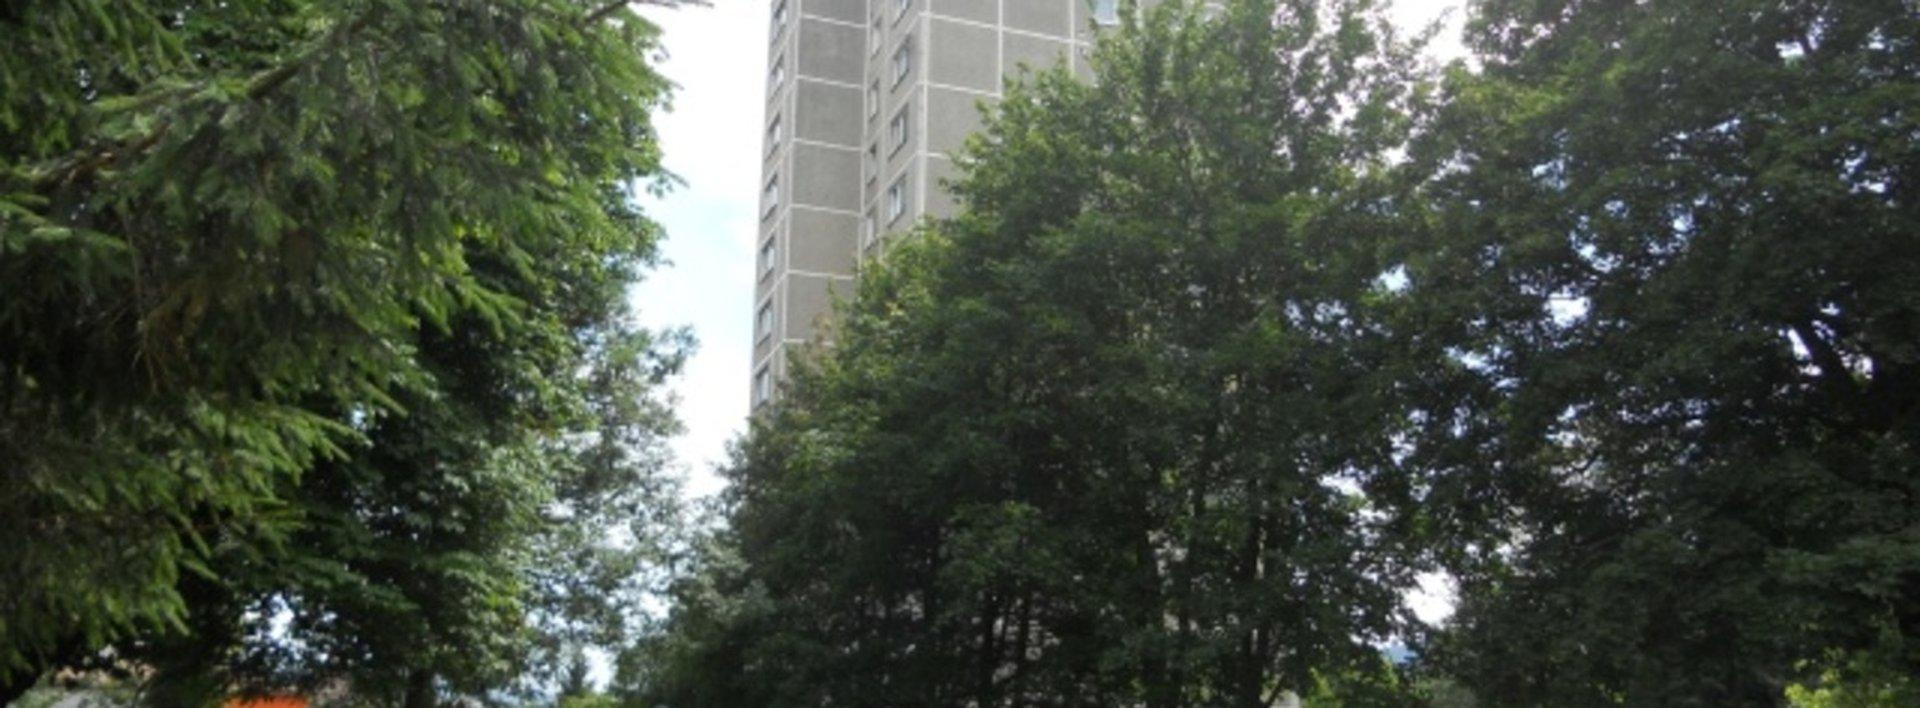 Slunný byt 1+1, 41m2, s nádhernými výhledy, LBC - Nové Pavlovice, Ev.č.: N46360